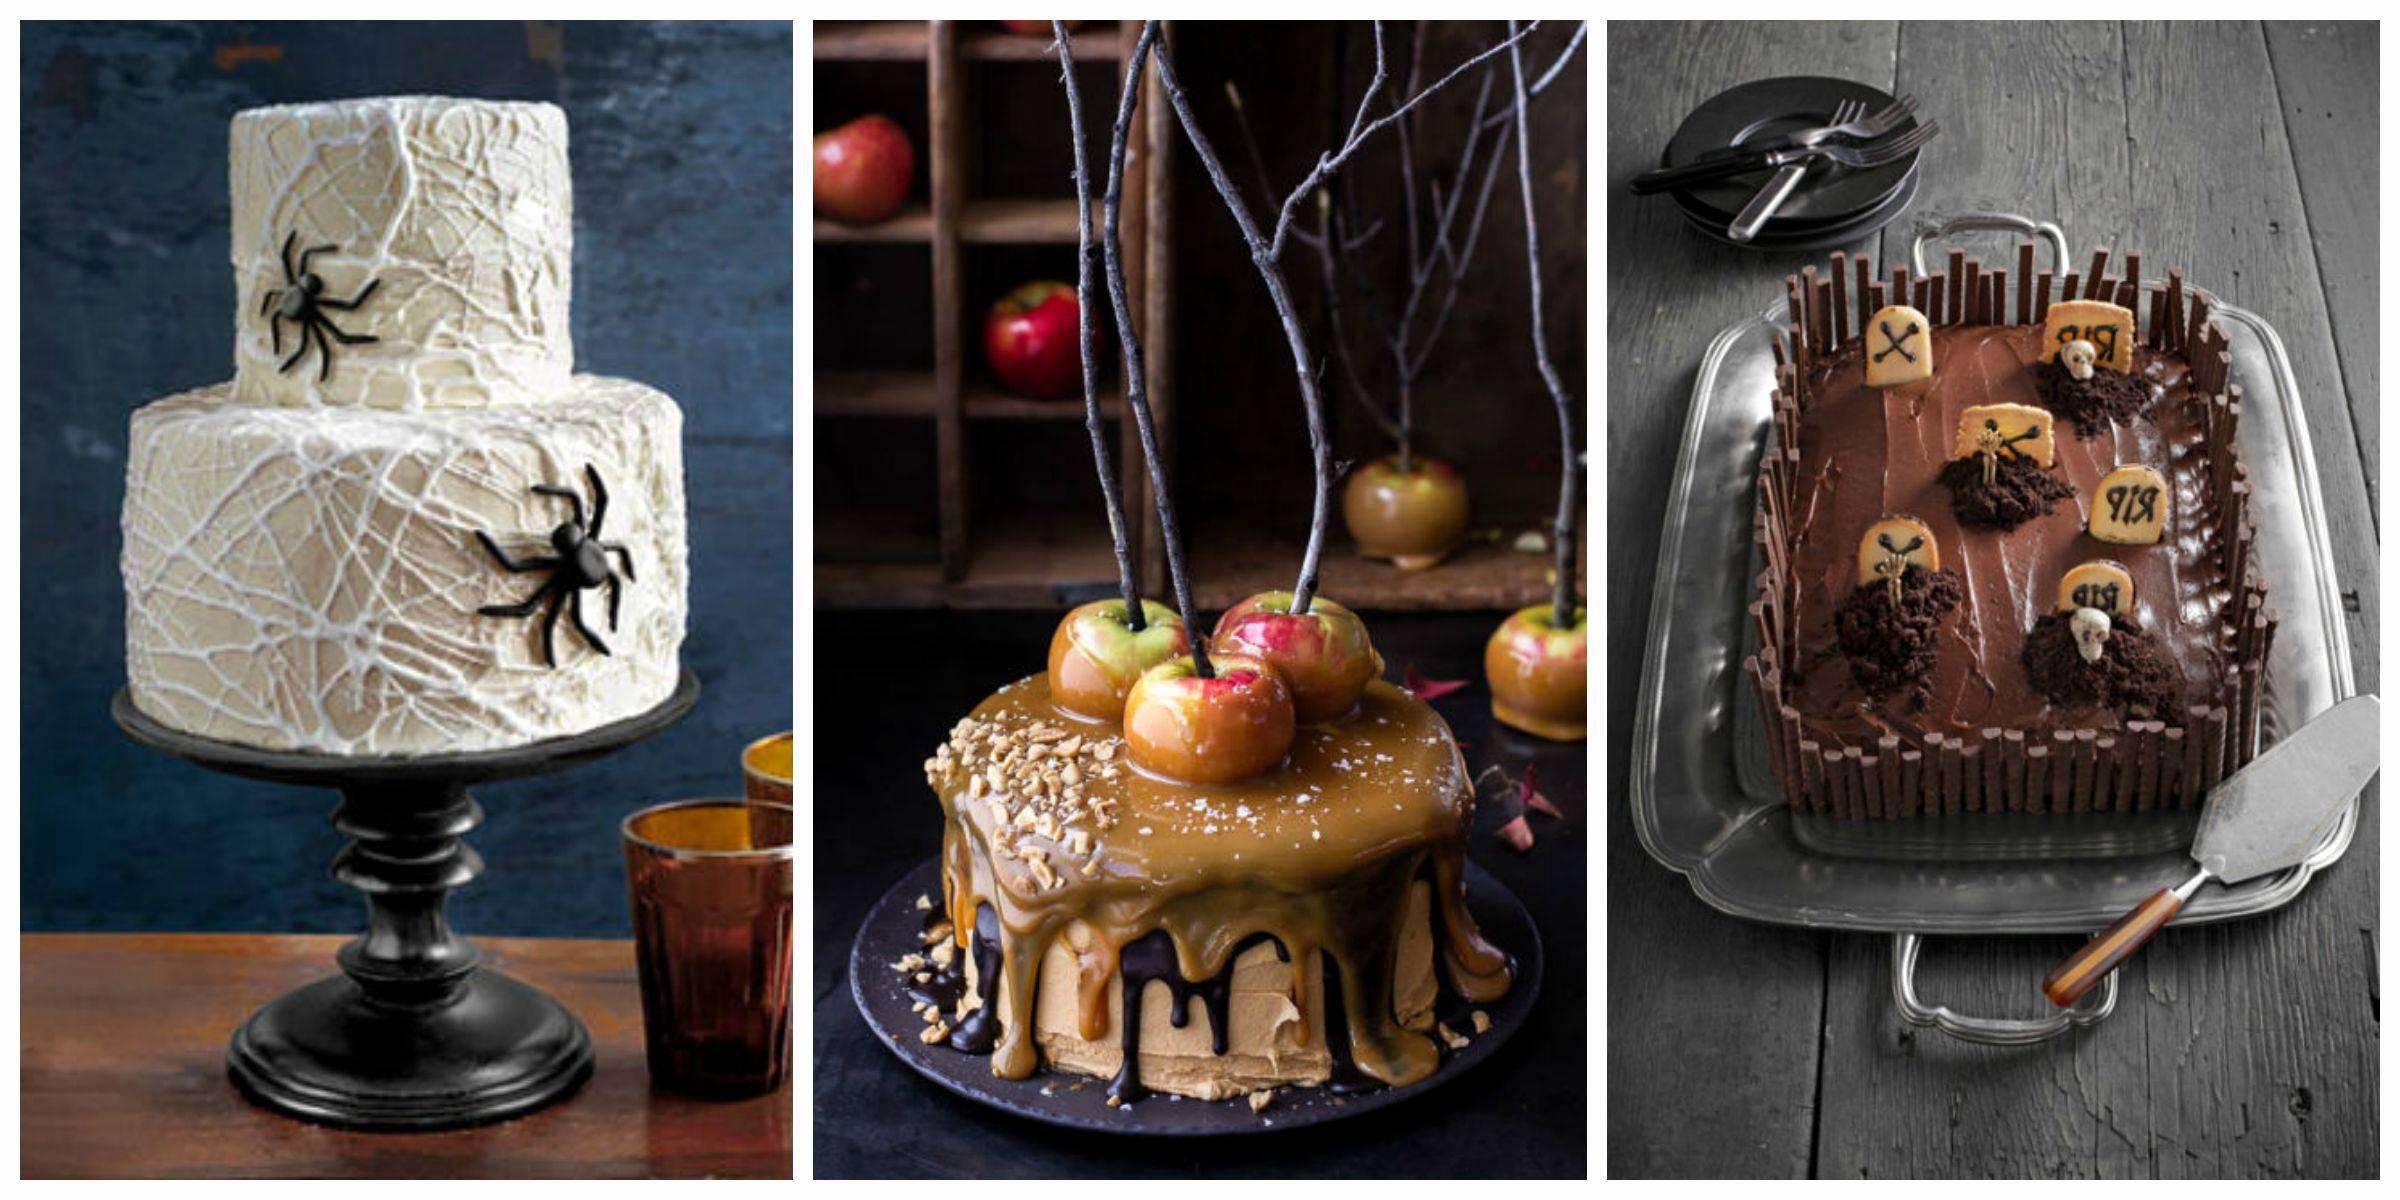 Kuchen zu Halloween zubereiten - Rezepte und Ideen